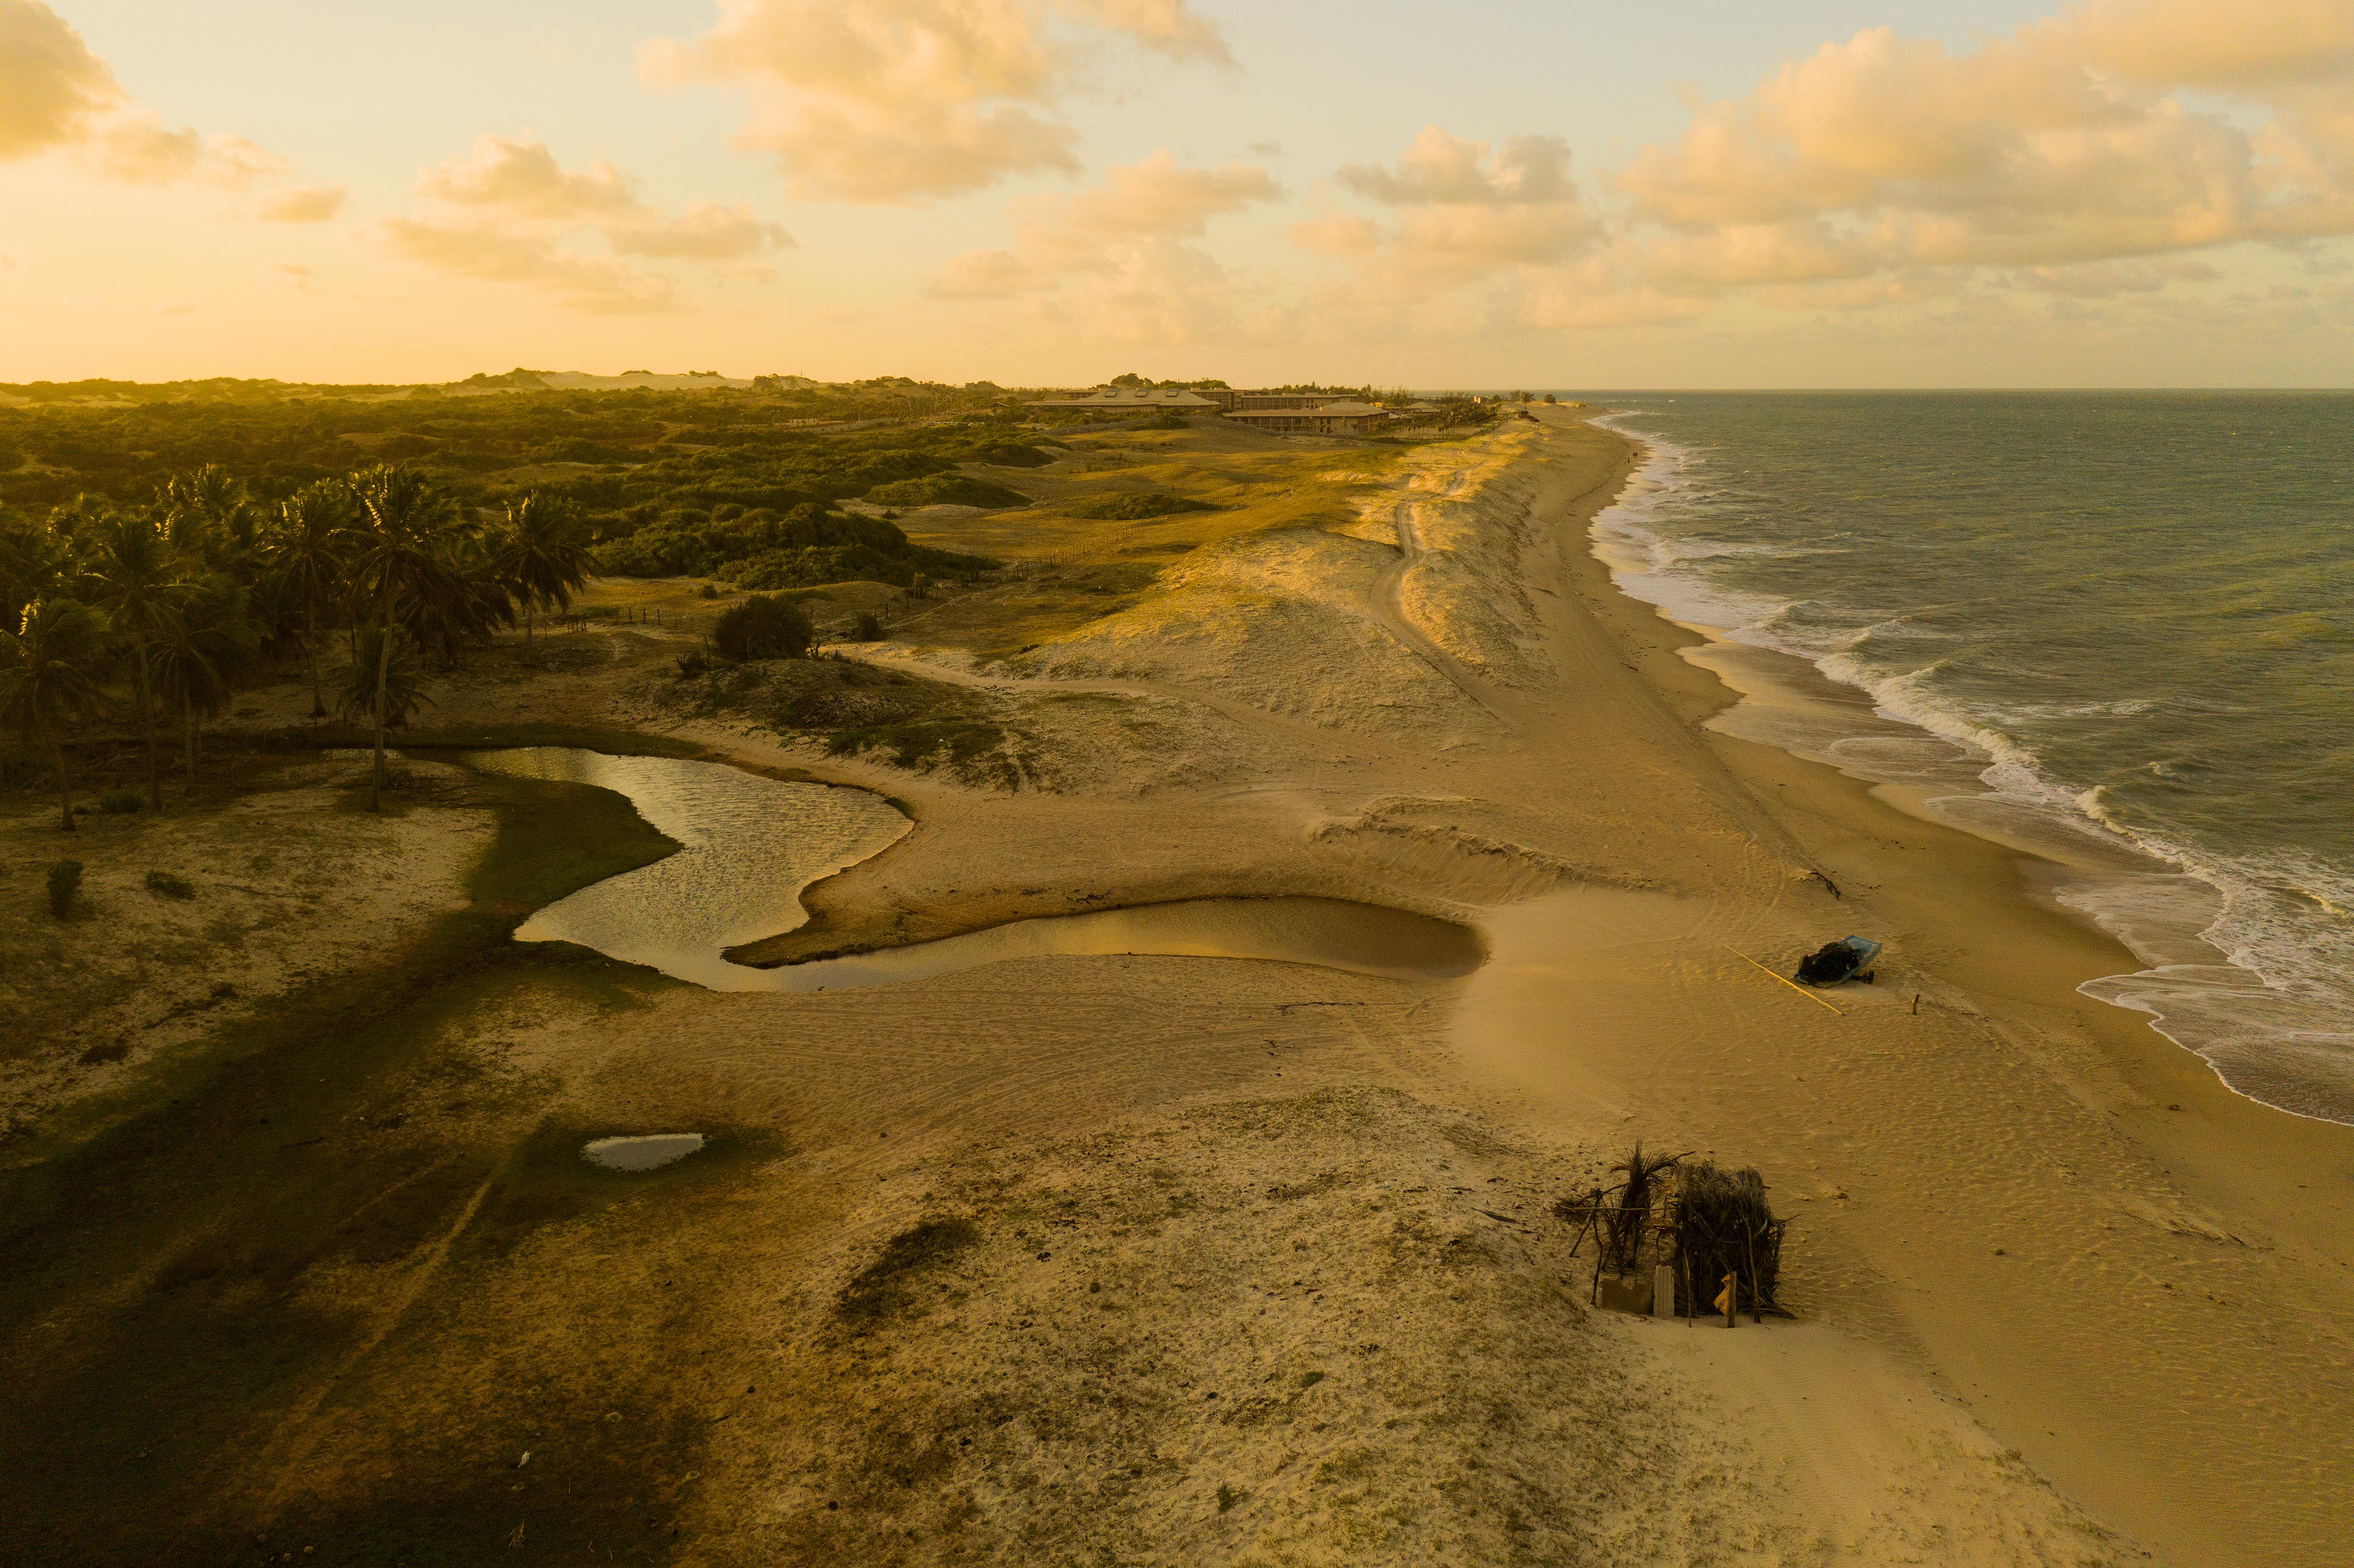 La ciudad de Touros, situada en la punta de Brasil, posee una población muy cálida y hospitalaria. Su playa se caracteriza por una bella y gran playa protegida de las fuertes olas por acantilados del lado sur. Le debe su nombre a la existencia en el siglo XVI de unas piedras en forma de cabeza de toro